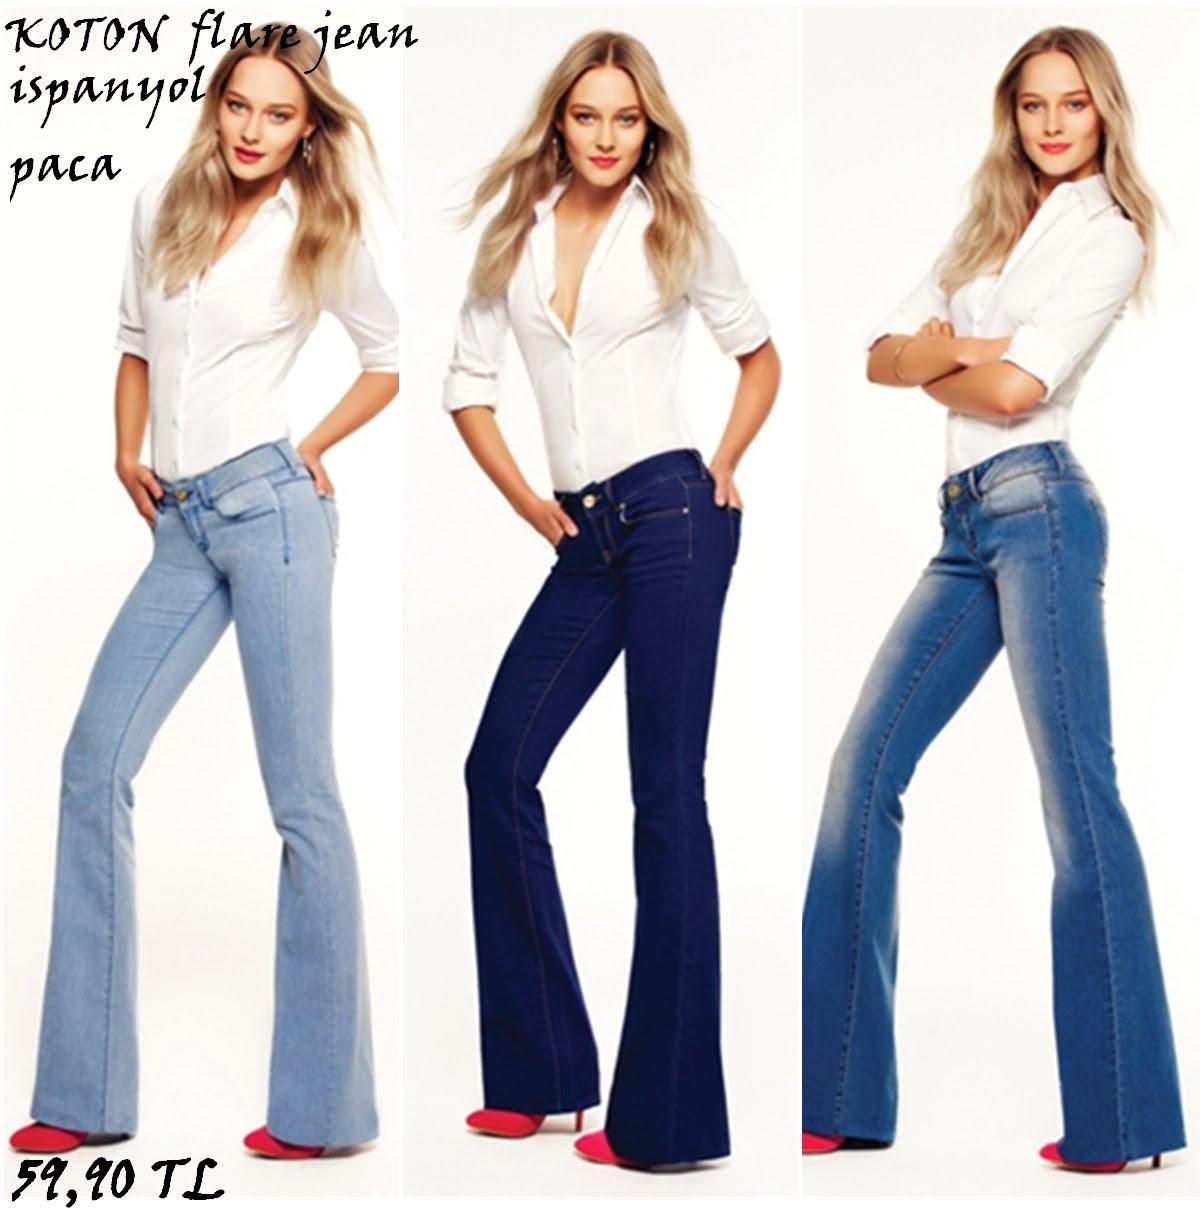 Moda İspanyol Paça Pantolon Örnekleri